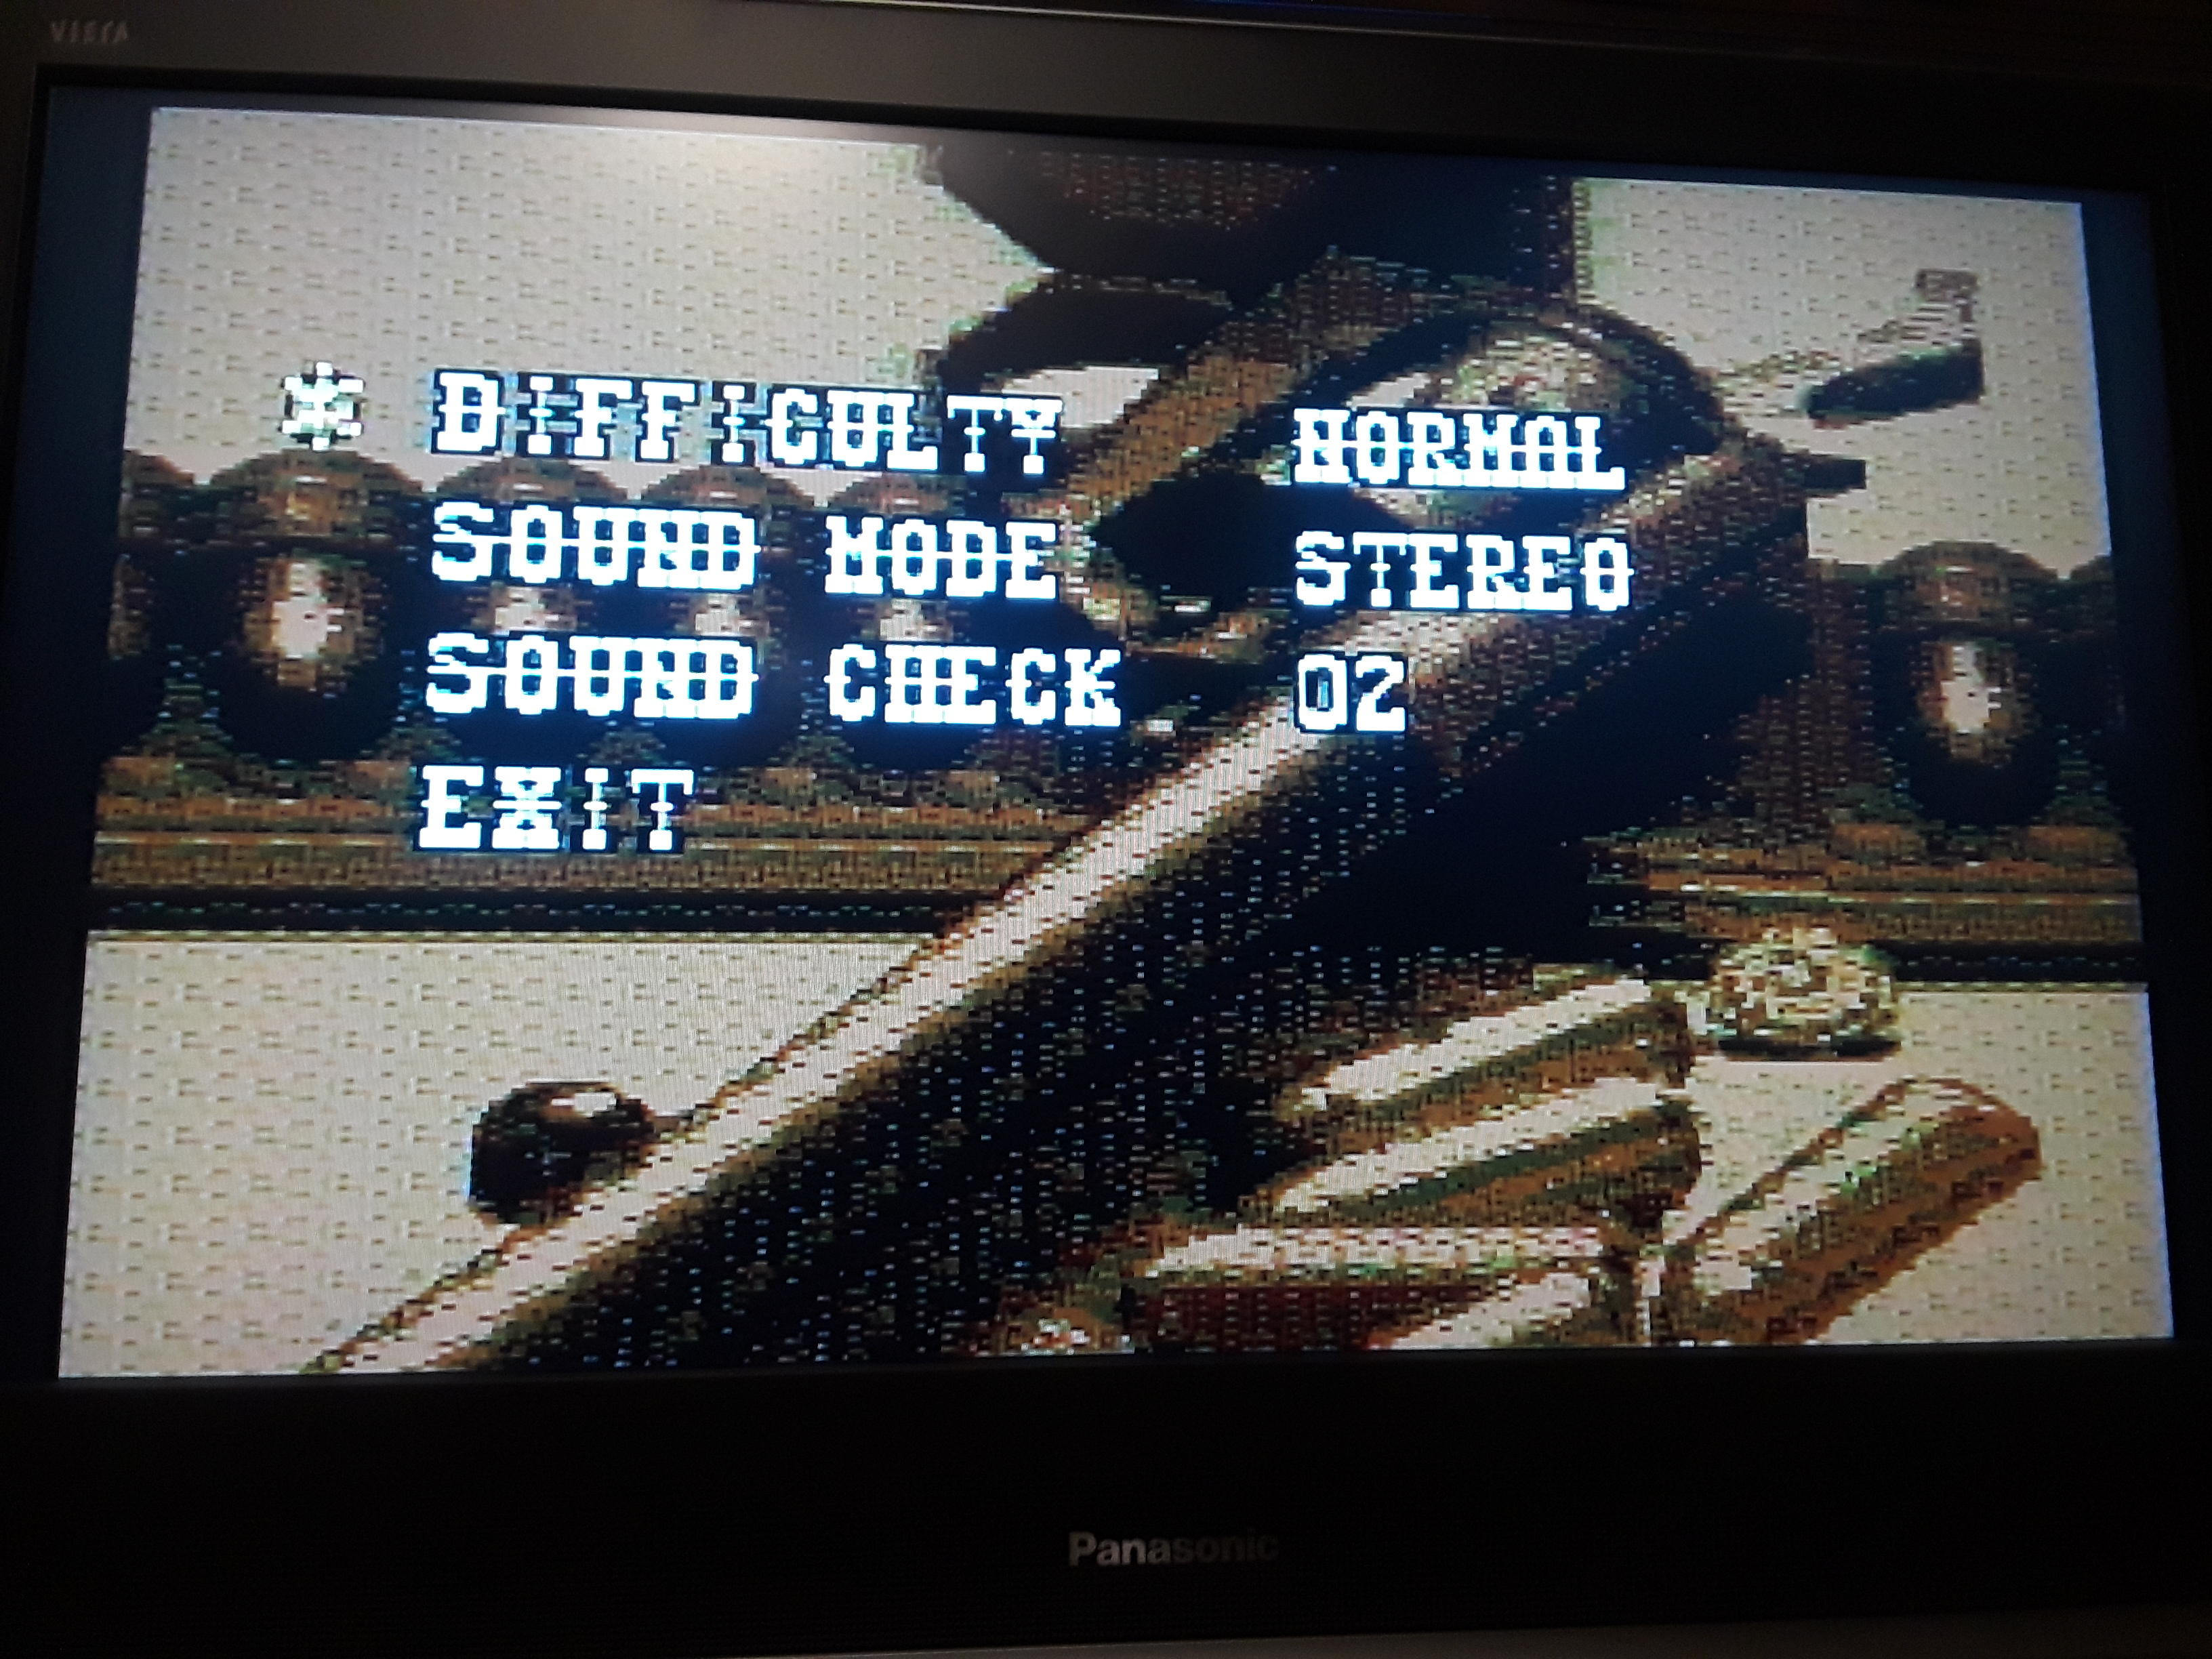 JML101582: Lethal Enforcers II: Gun Fighters (Sega Genesis / MegaDrive Emulated) 270 points on 2019-02-23 20:07:56